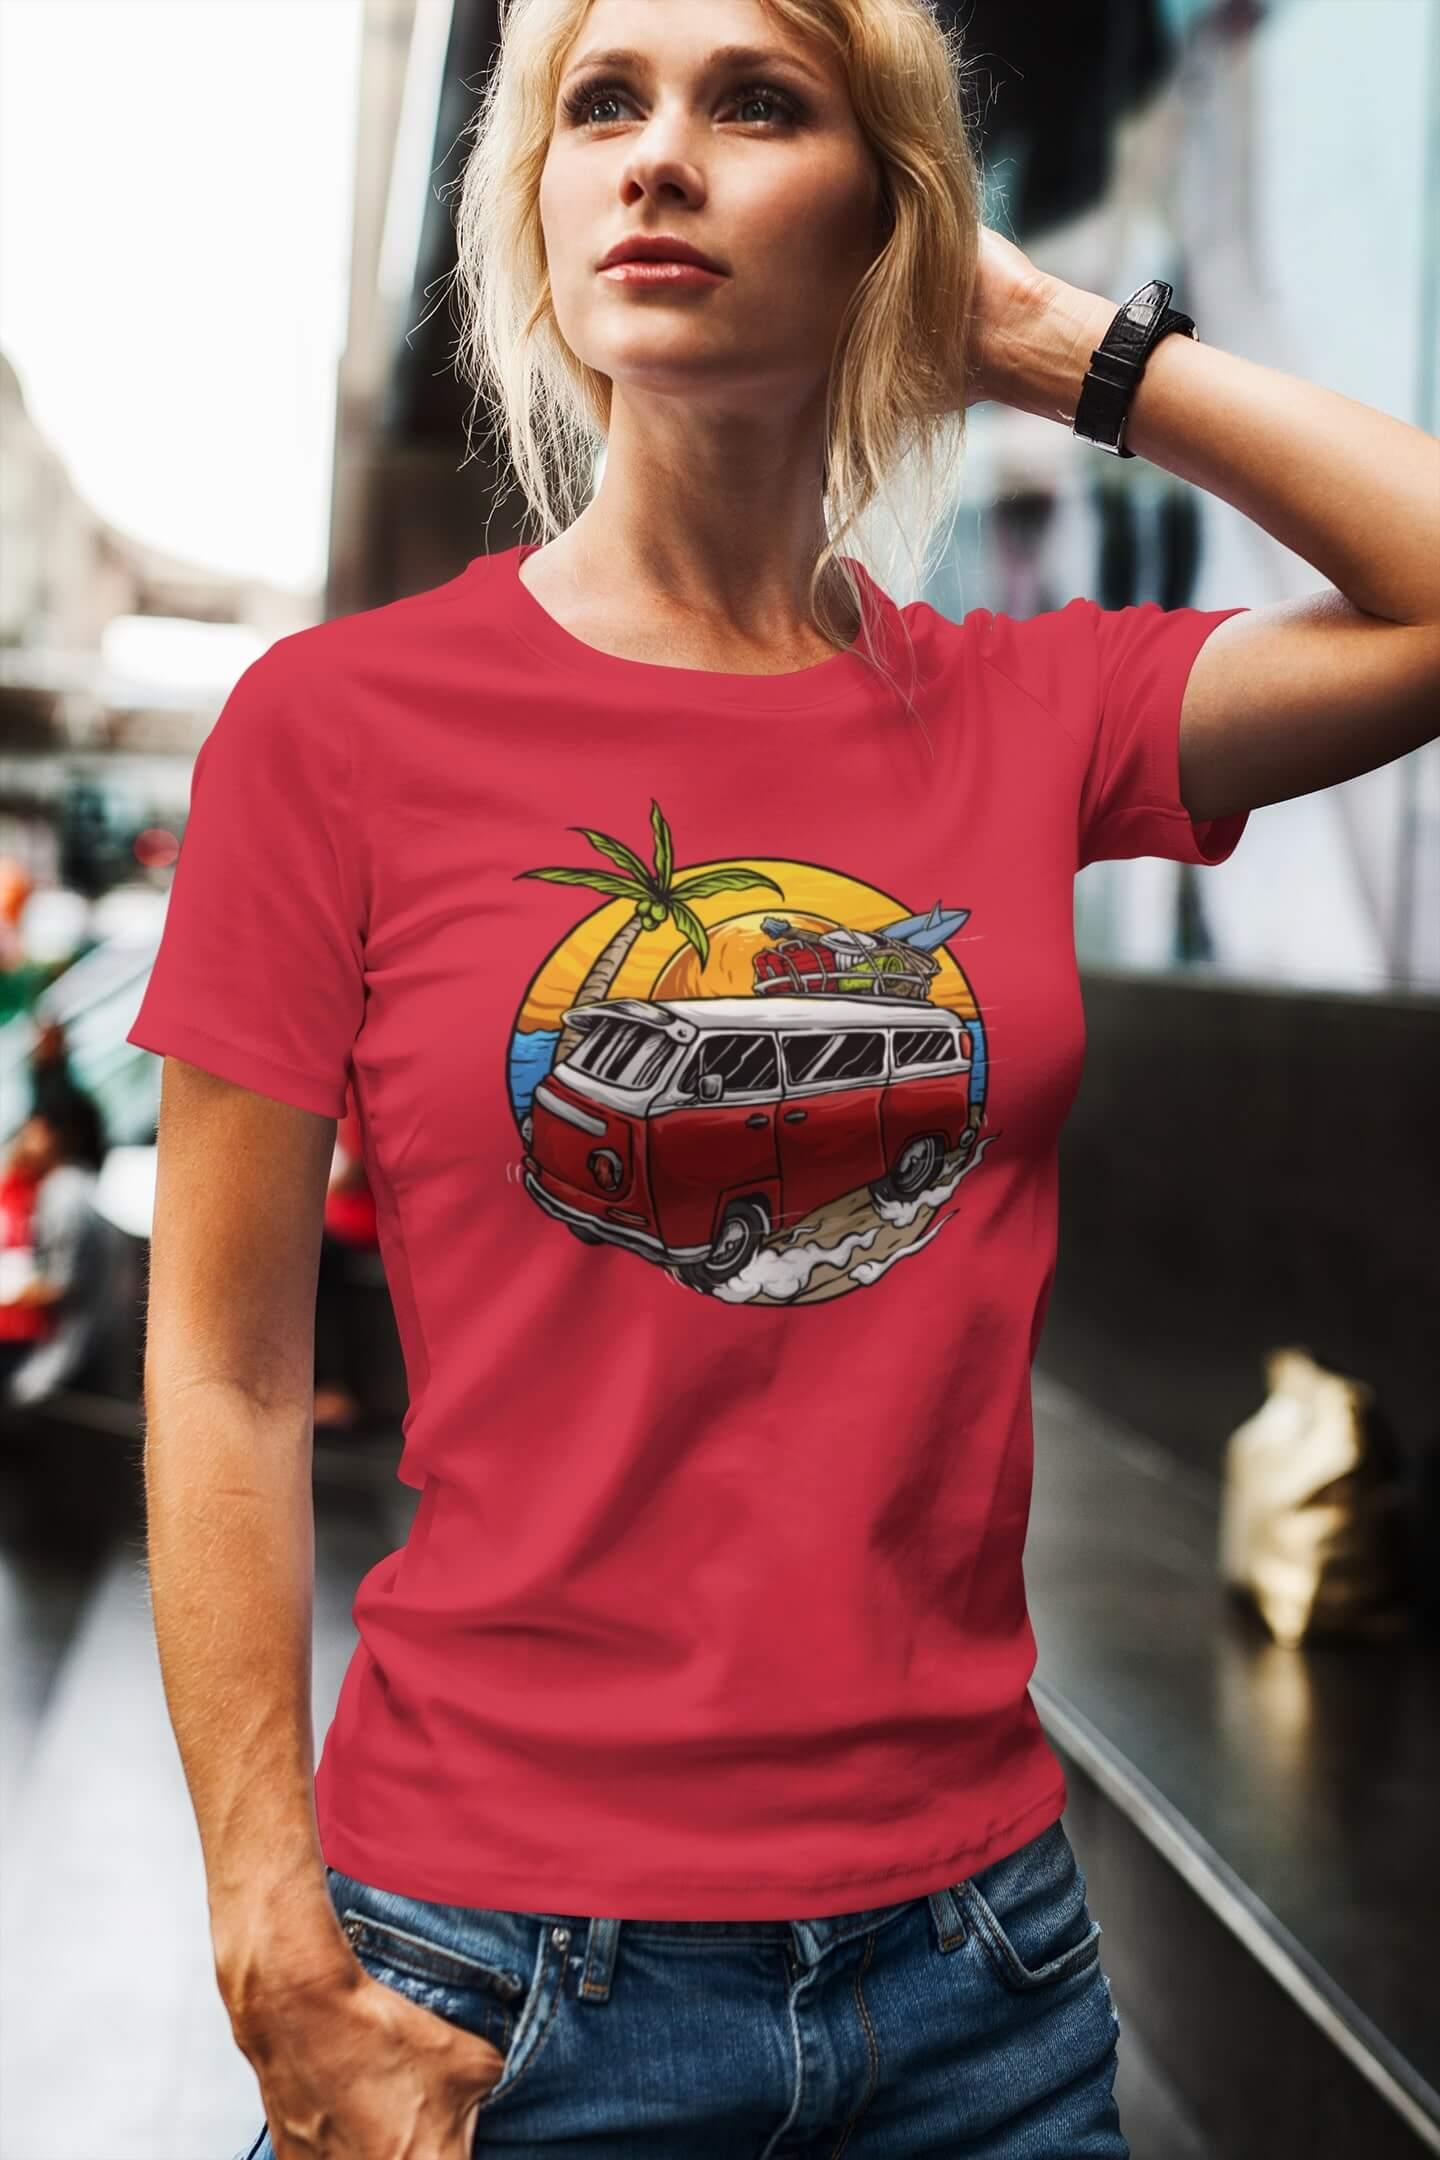 MMO Dámske tričko Minibus Vyberte farbu: Červená, Dámska veľkosť: M